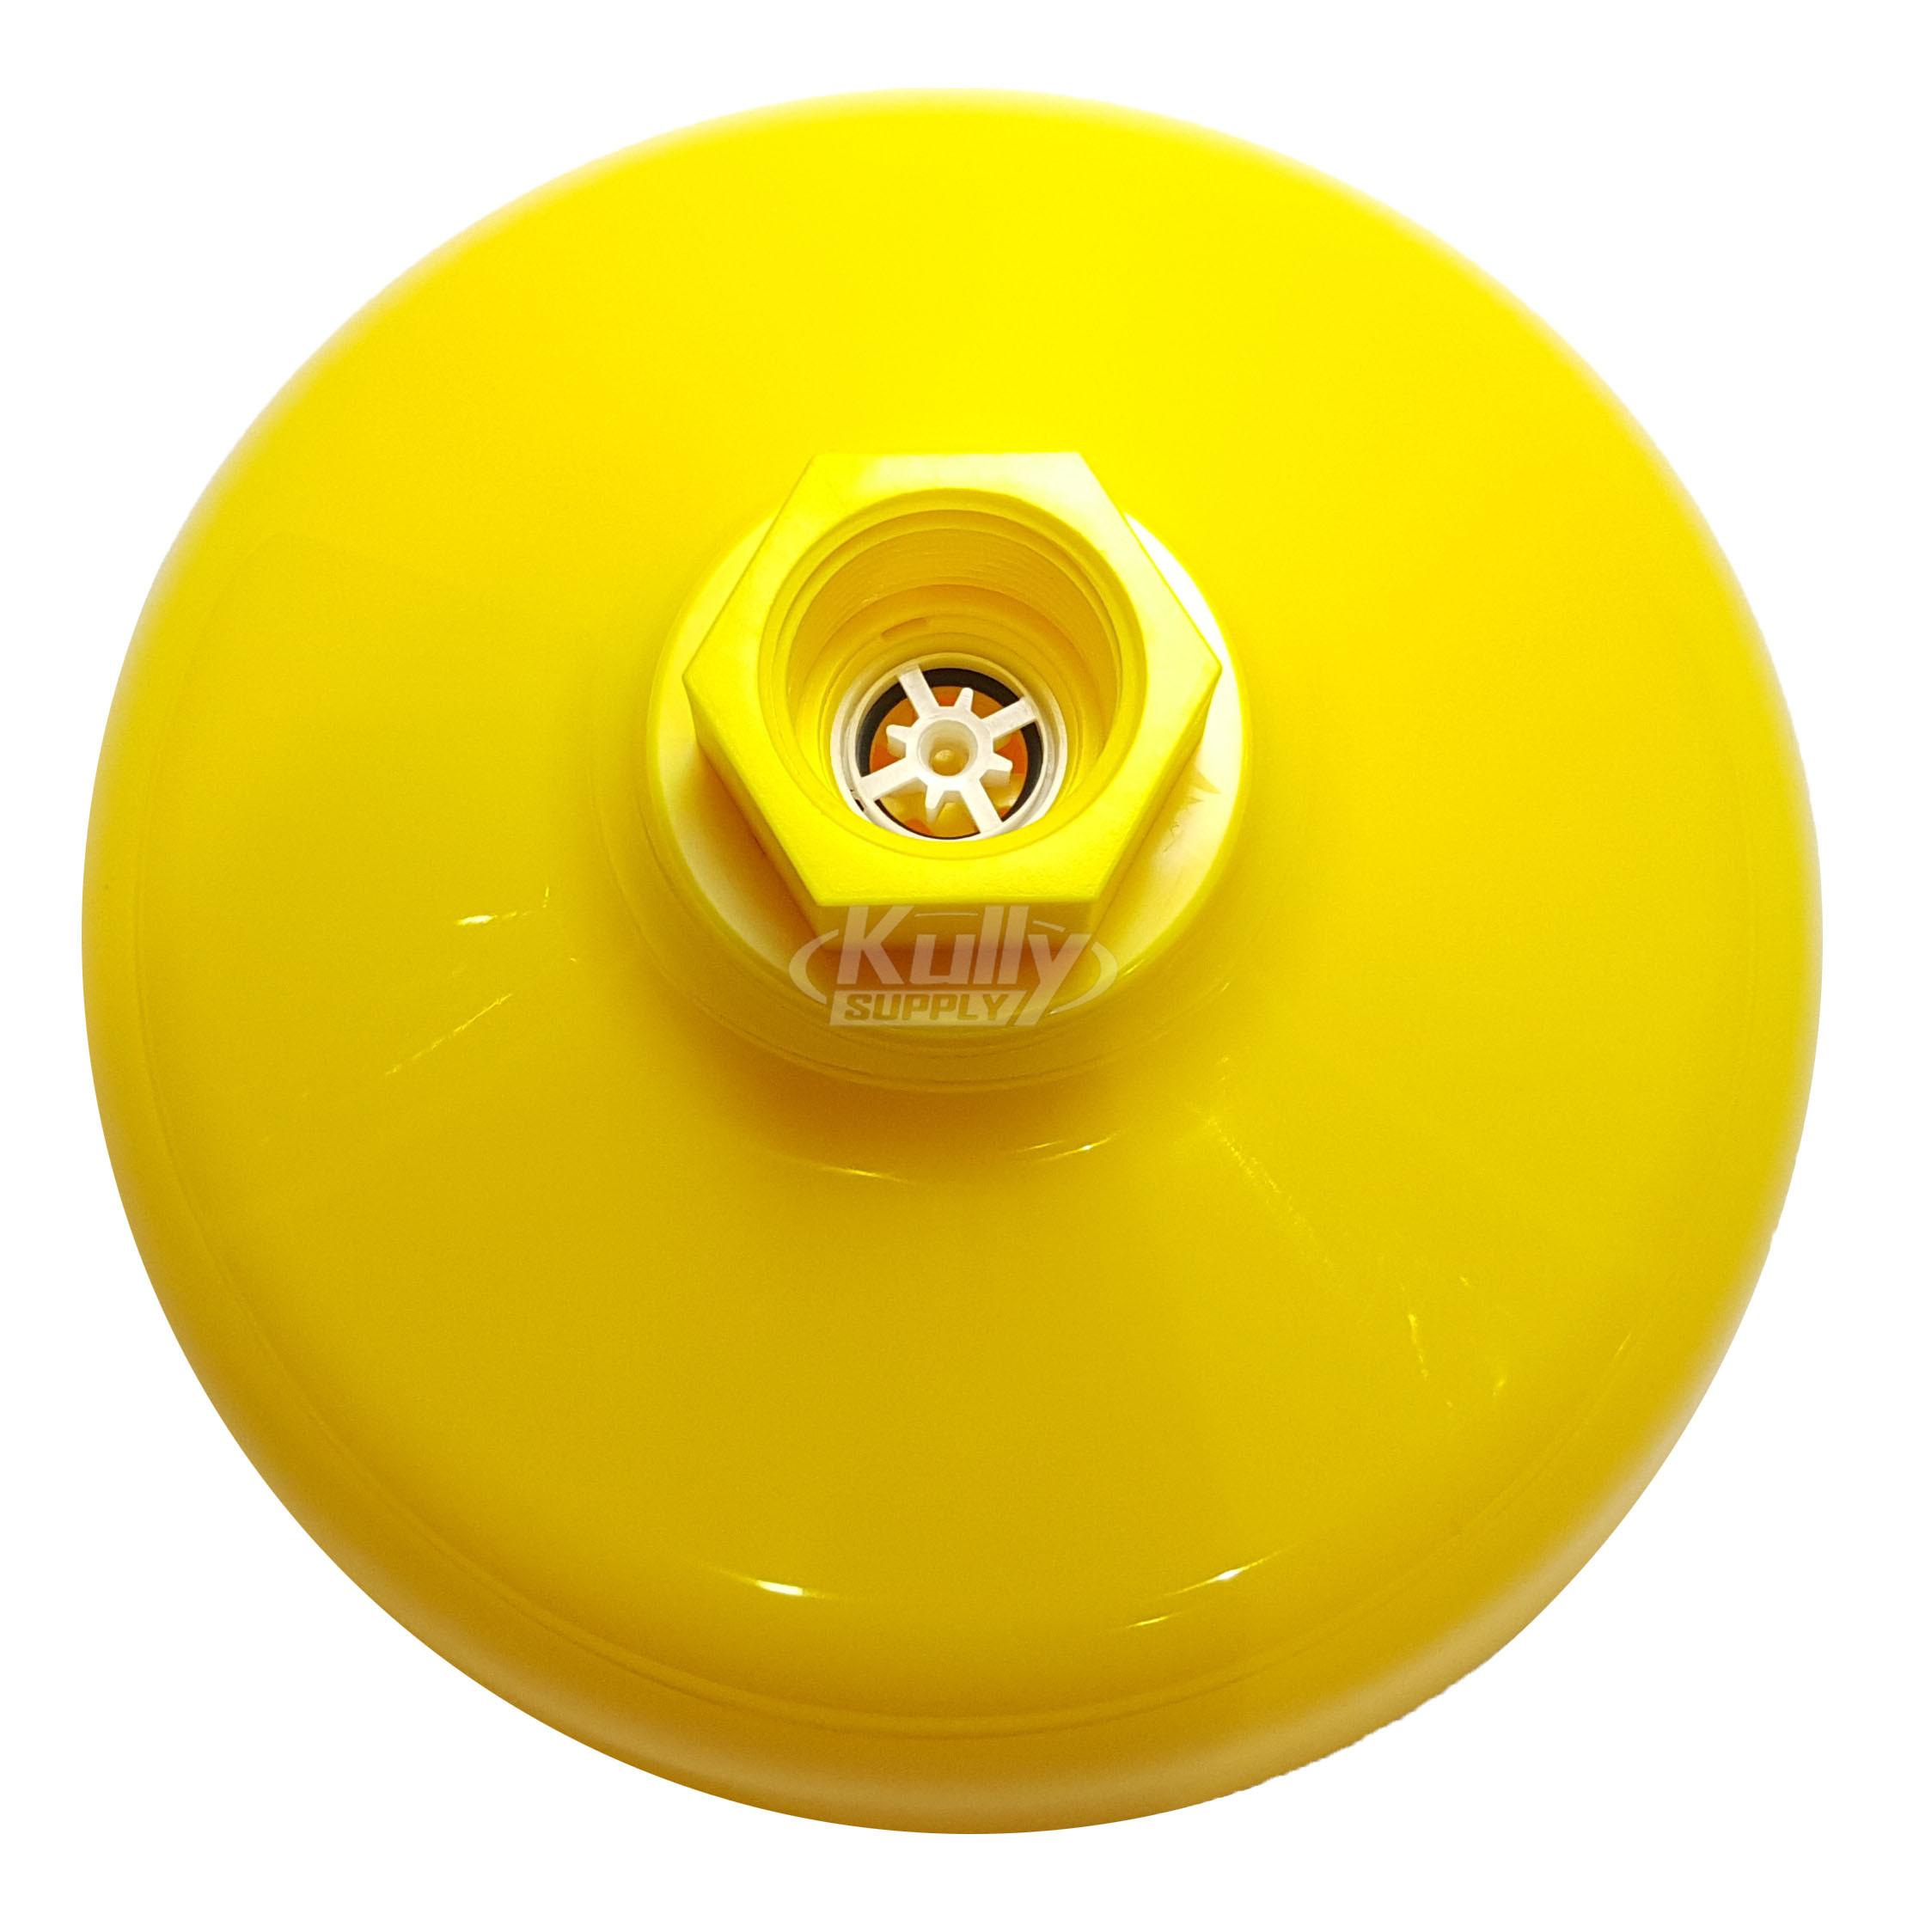 Speakman SE-810 Lifesaver Plastic Shower Head   KullySupply.com